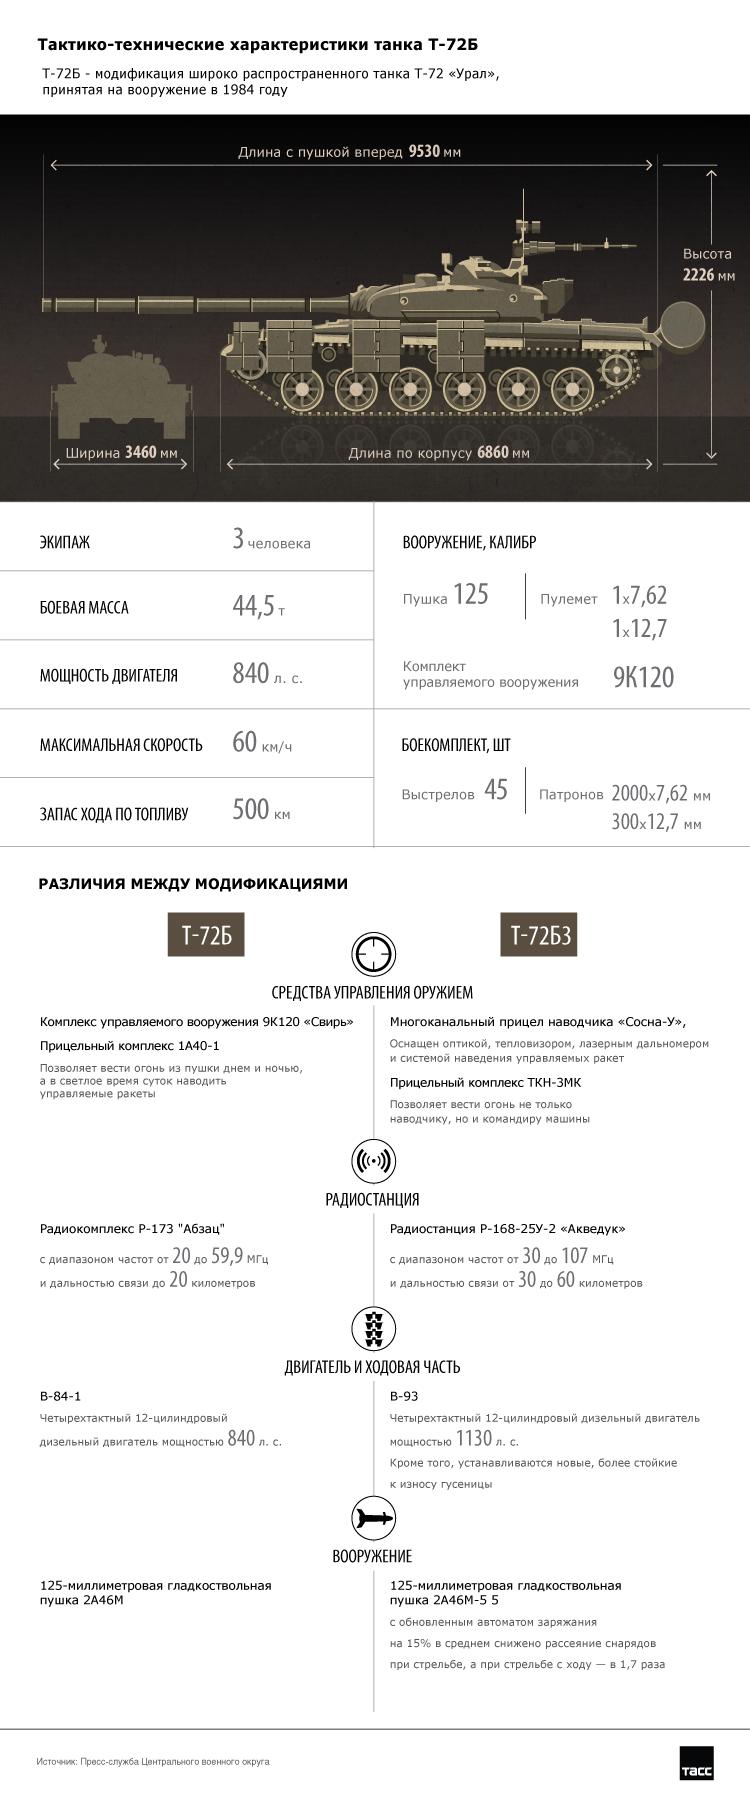 Основной боевой танк Т-72Б. Инфографика